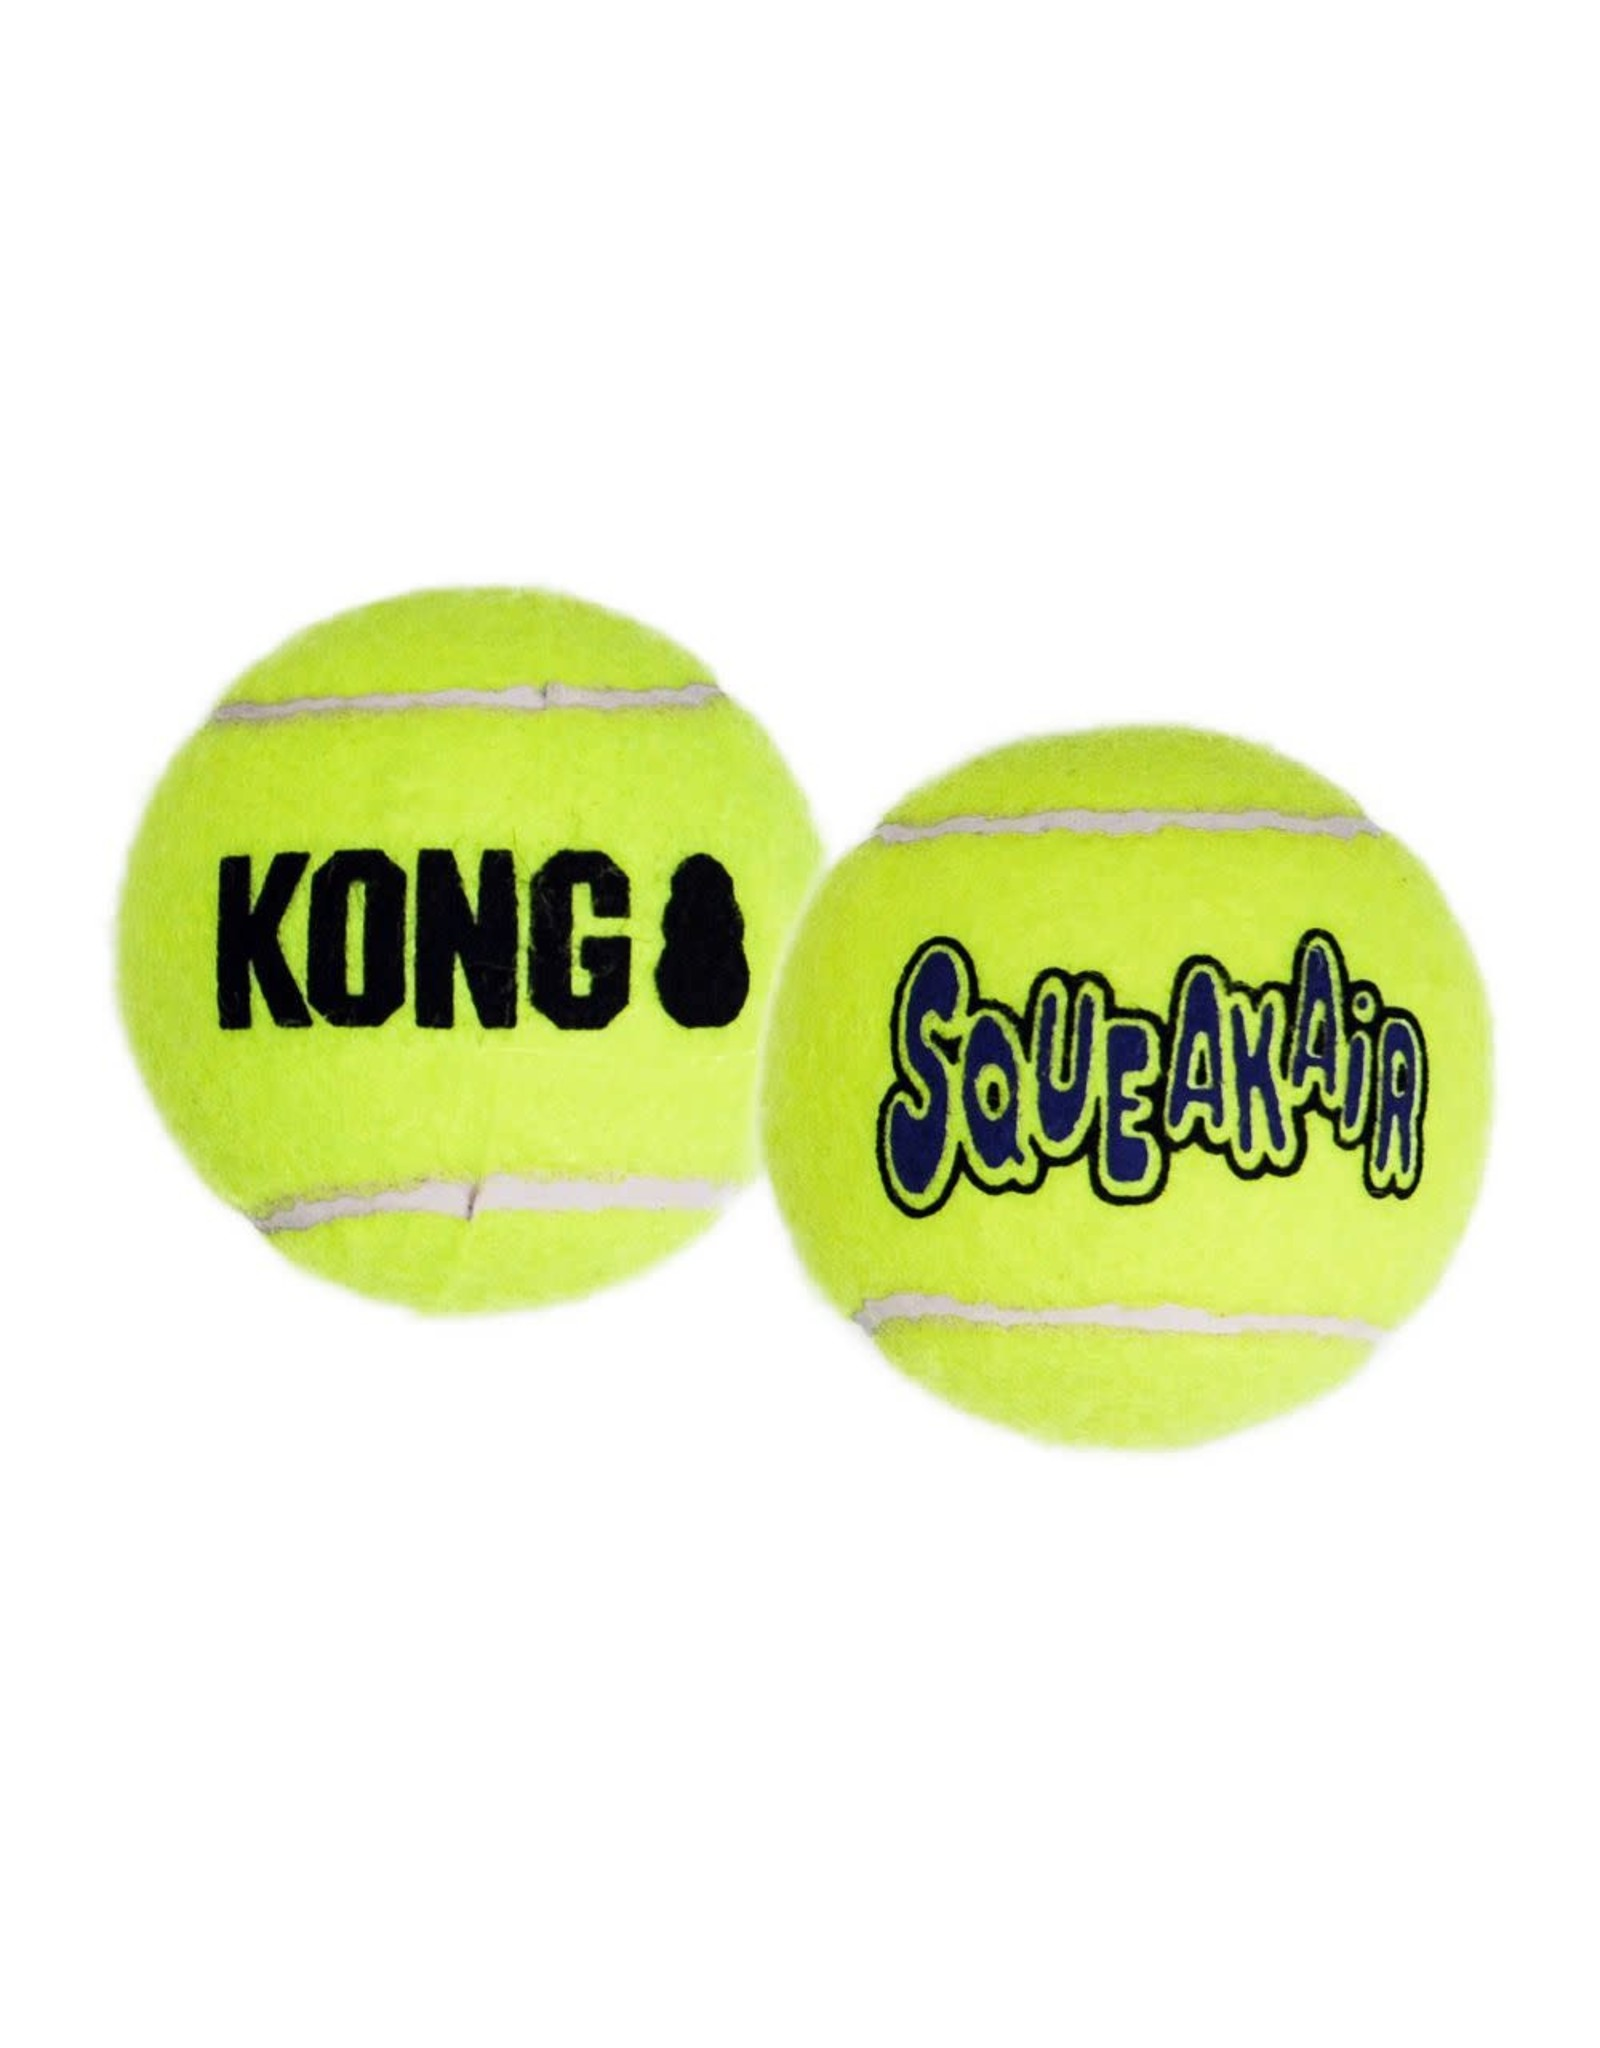 Kong KONG Squeaker Air Balls 6-Pack Medium